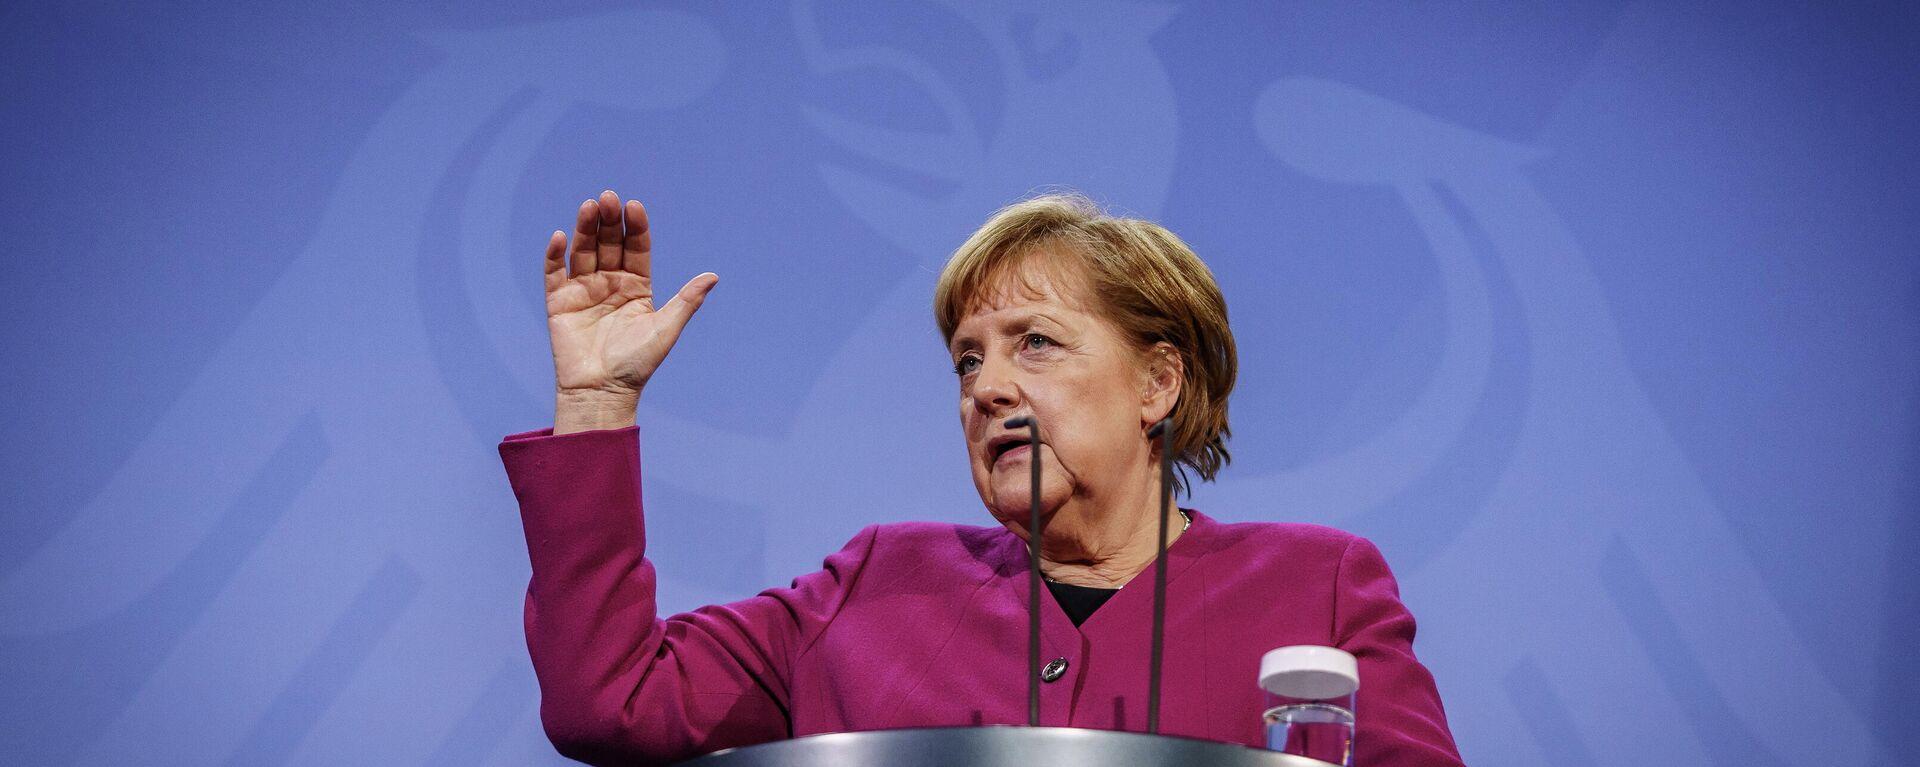 Bundeskanzlerin Angela Merkel bei einer Pressekonferenz (Archivbild) - SNA, 1920, 29.03.2021